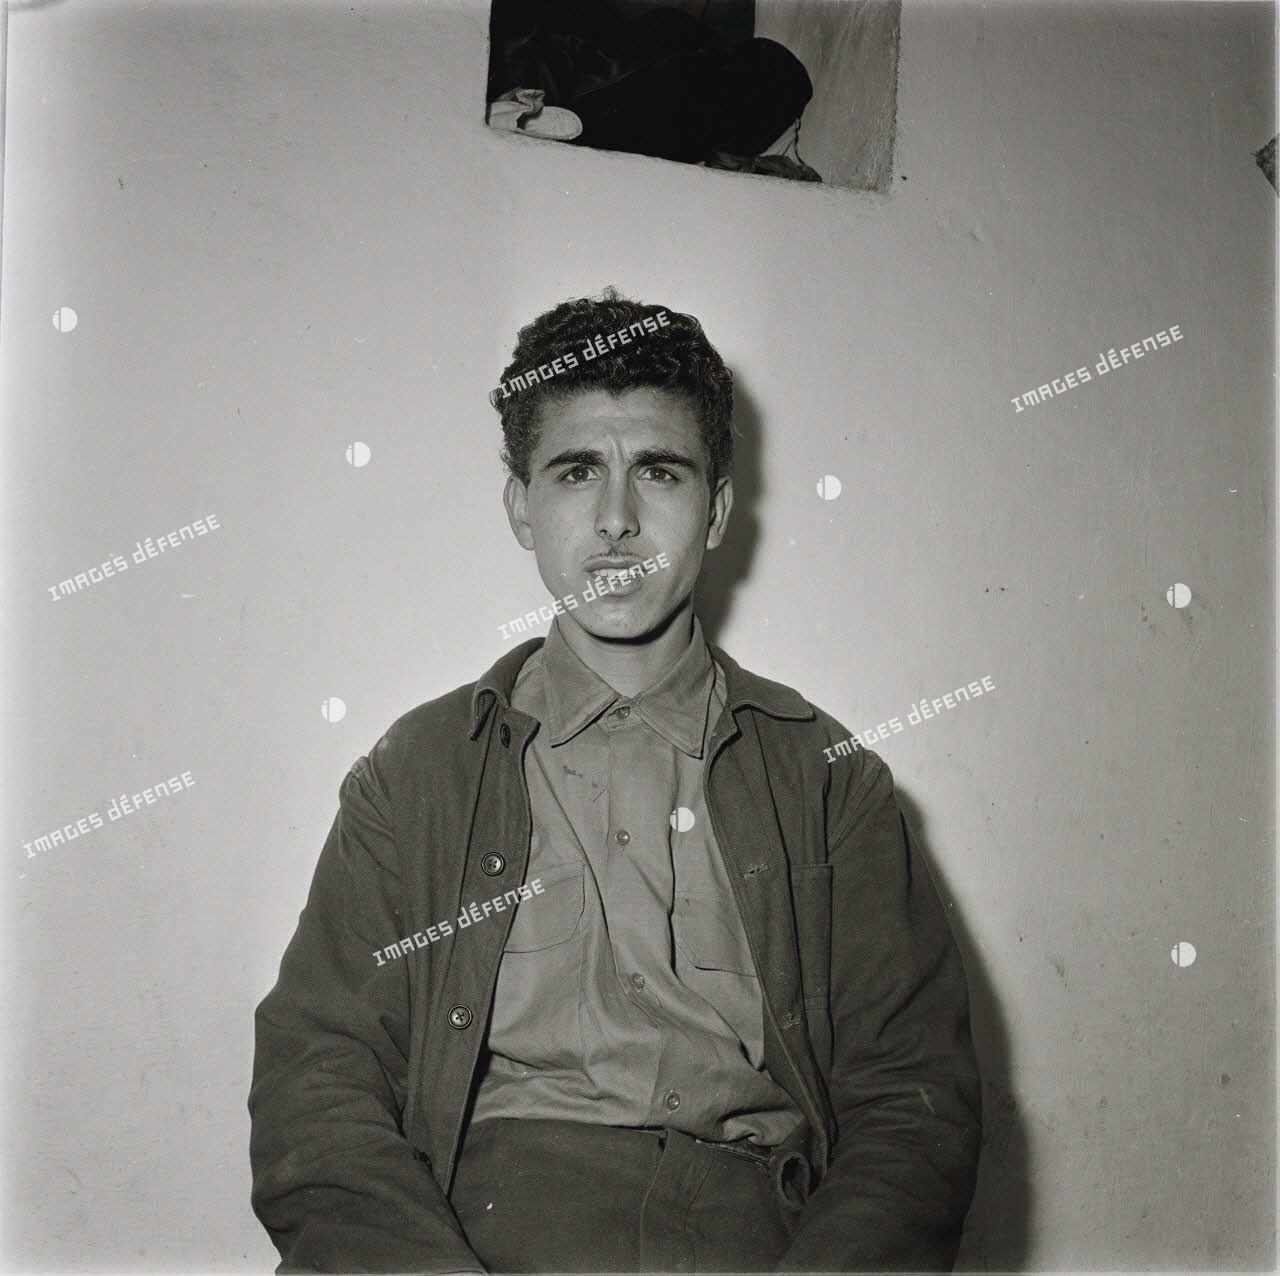 Visages d'hommes et [de] femmes d'Algérie. Extr. Série identités 1959, arabe et kabyle. [légende d'origine]